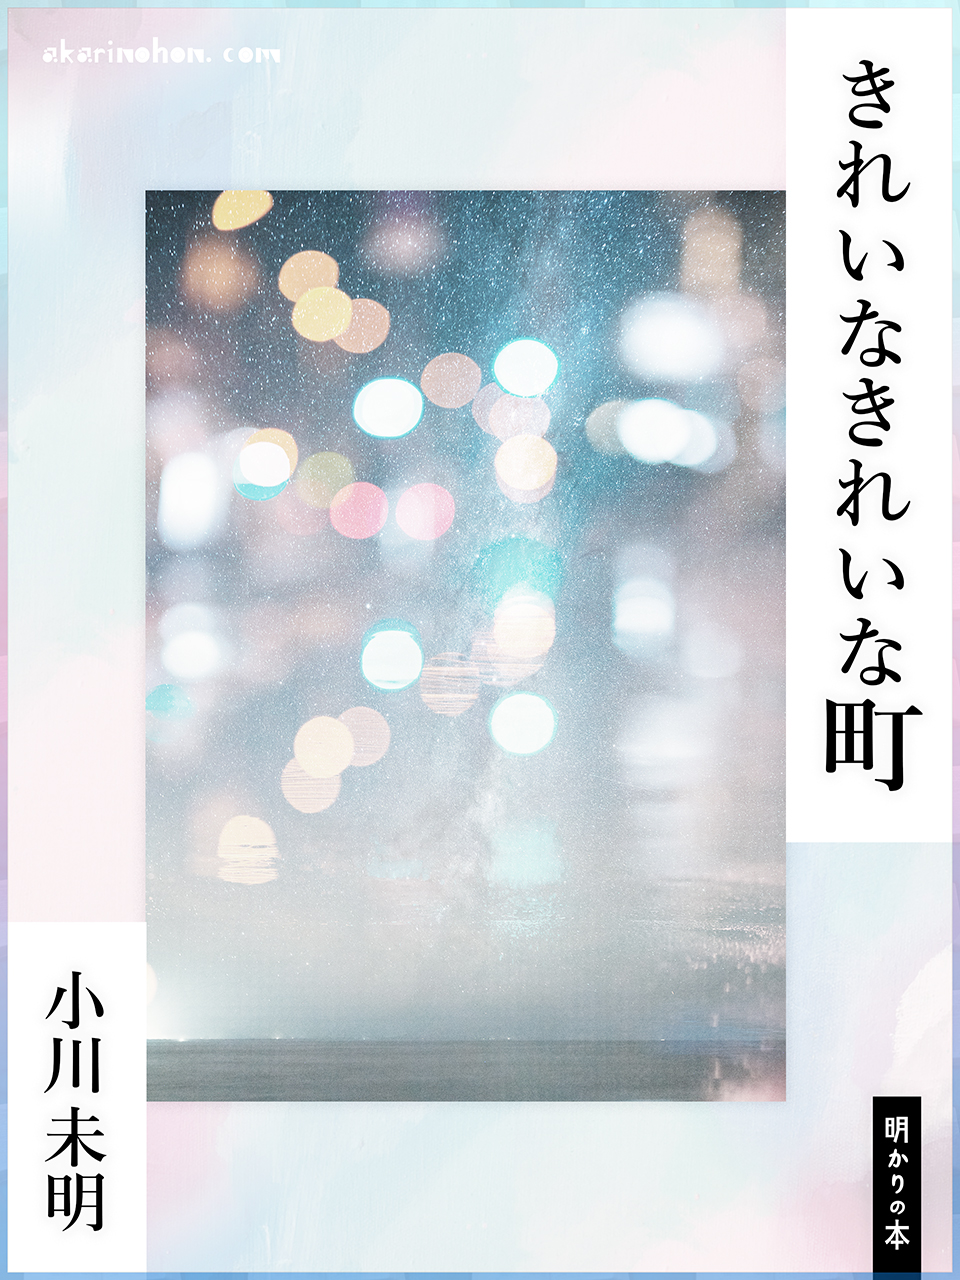 0000 - きれいなきれいな町 小川未明